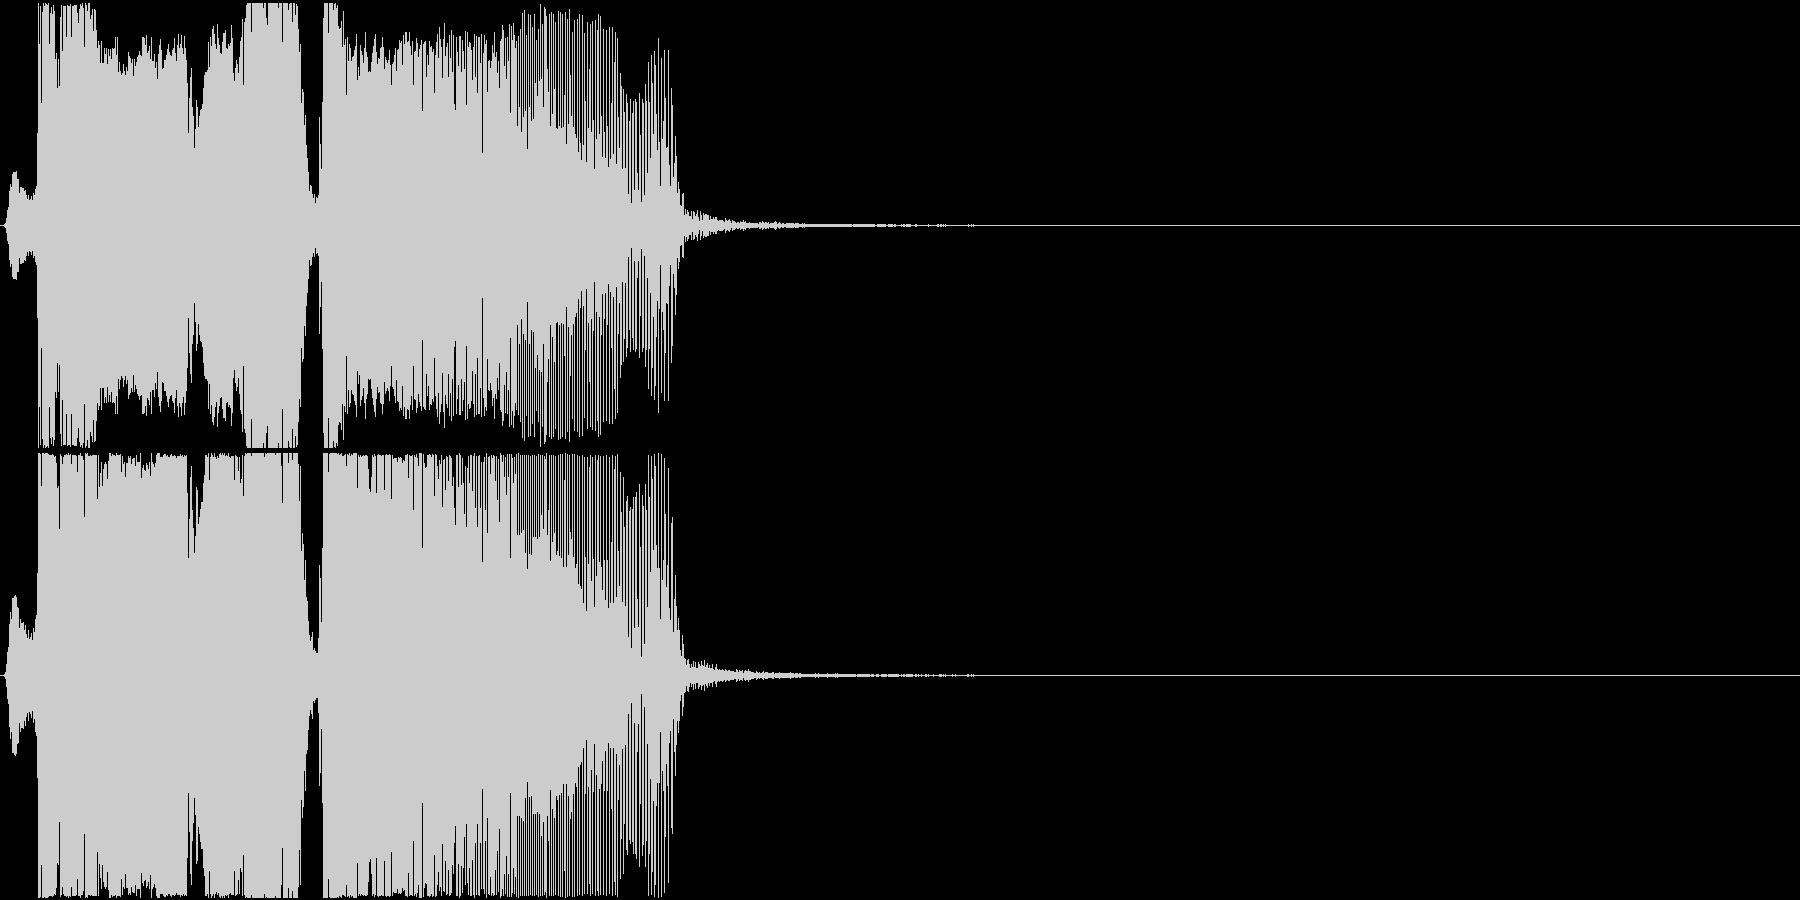 「ボーナスタイム」アプリ・ゲーム用3の未再生の波形